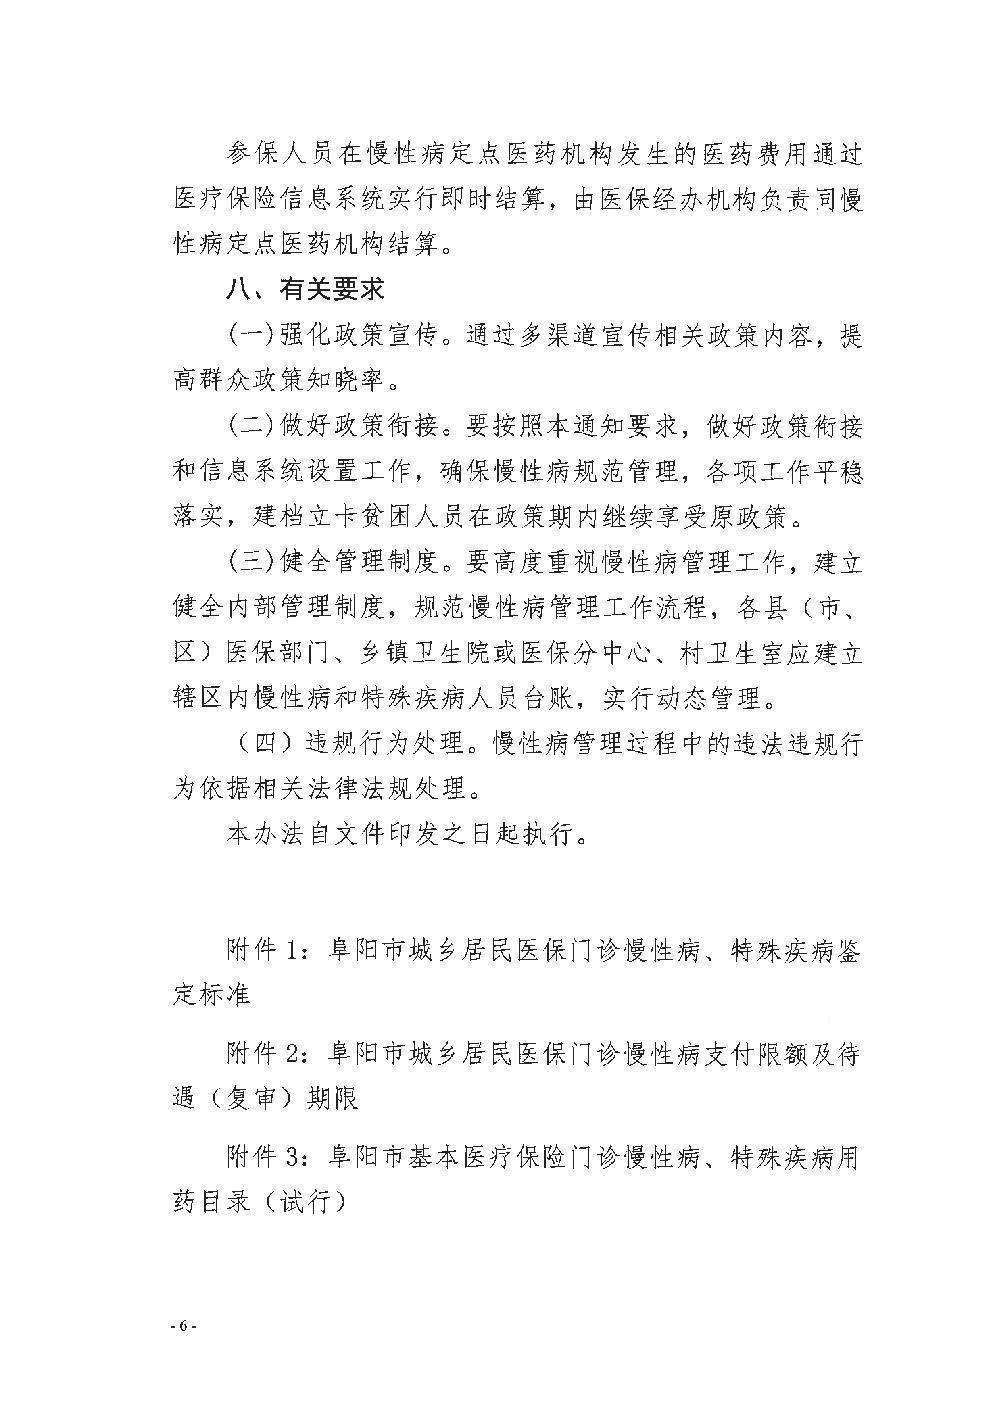 阜阳市城乡居民慢性病管理办法(1)_6.JPG